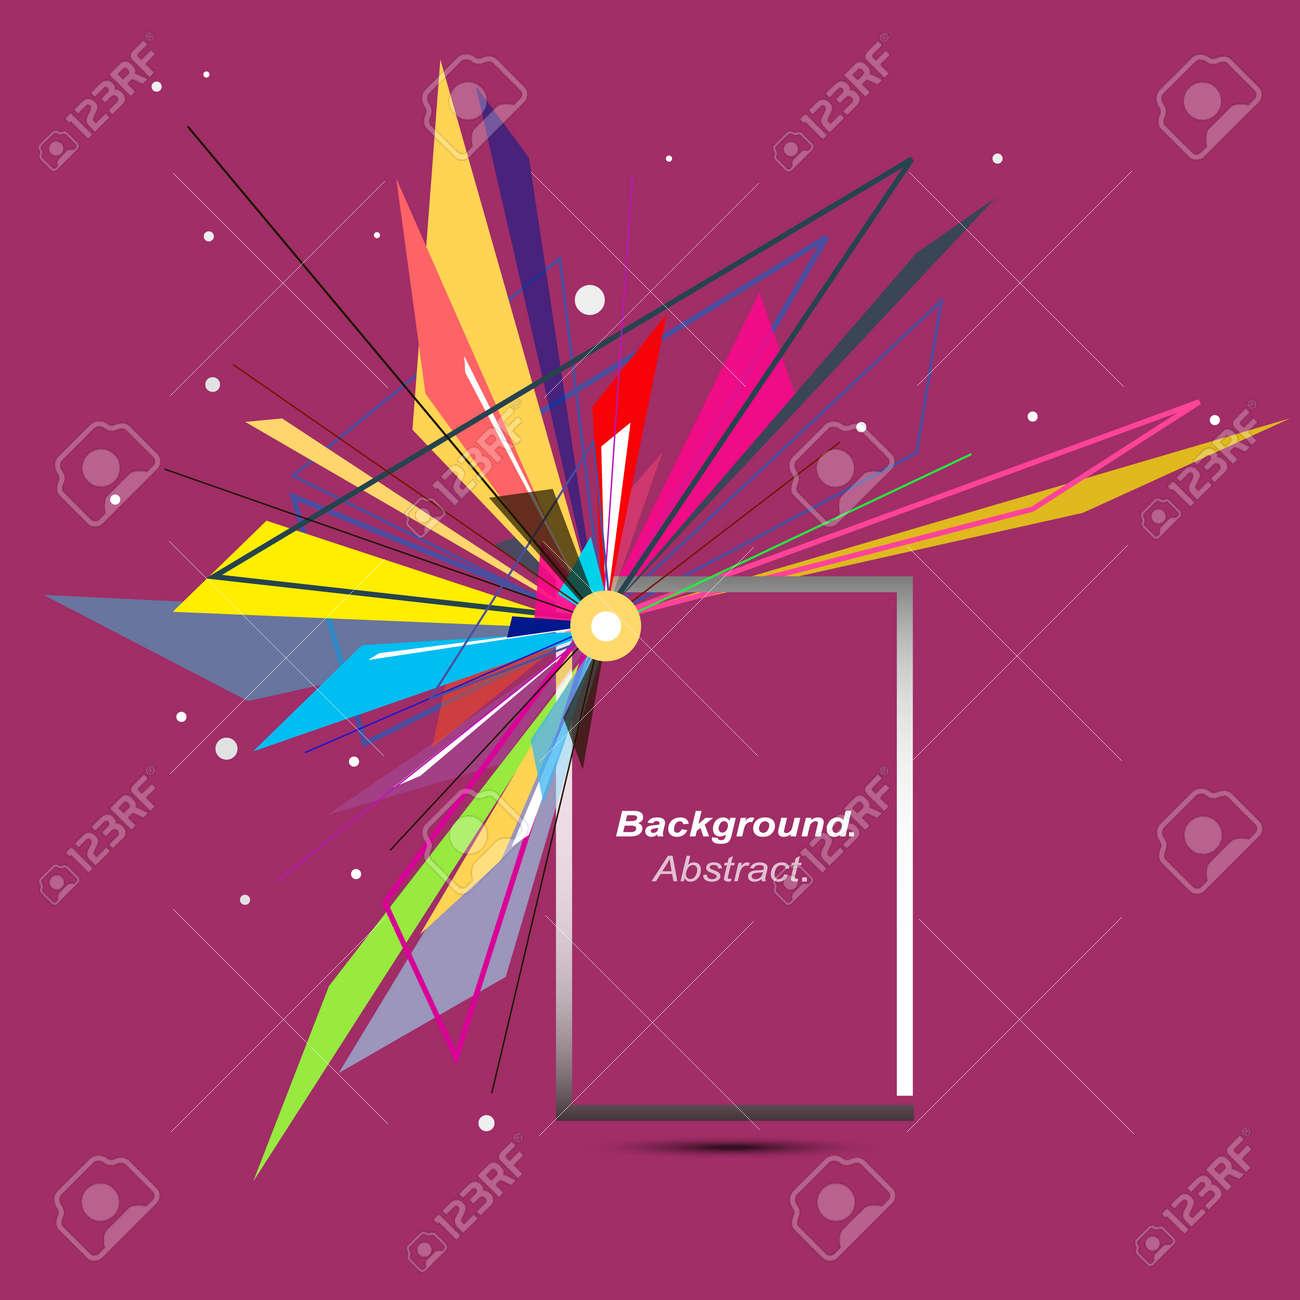 ミニマルなファッション背景デザイン。爆発アイコン。ブランドのロゴ。ブルゴーニュの赤のフォント  テクスチャです。近代的な広告バナー。三角形の接続ファイバー。